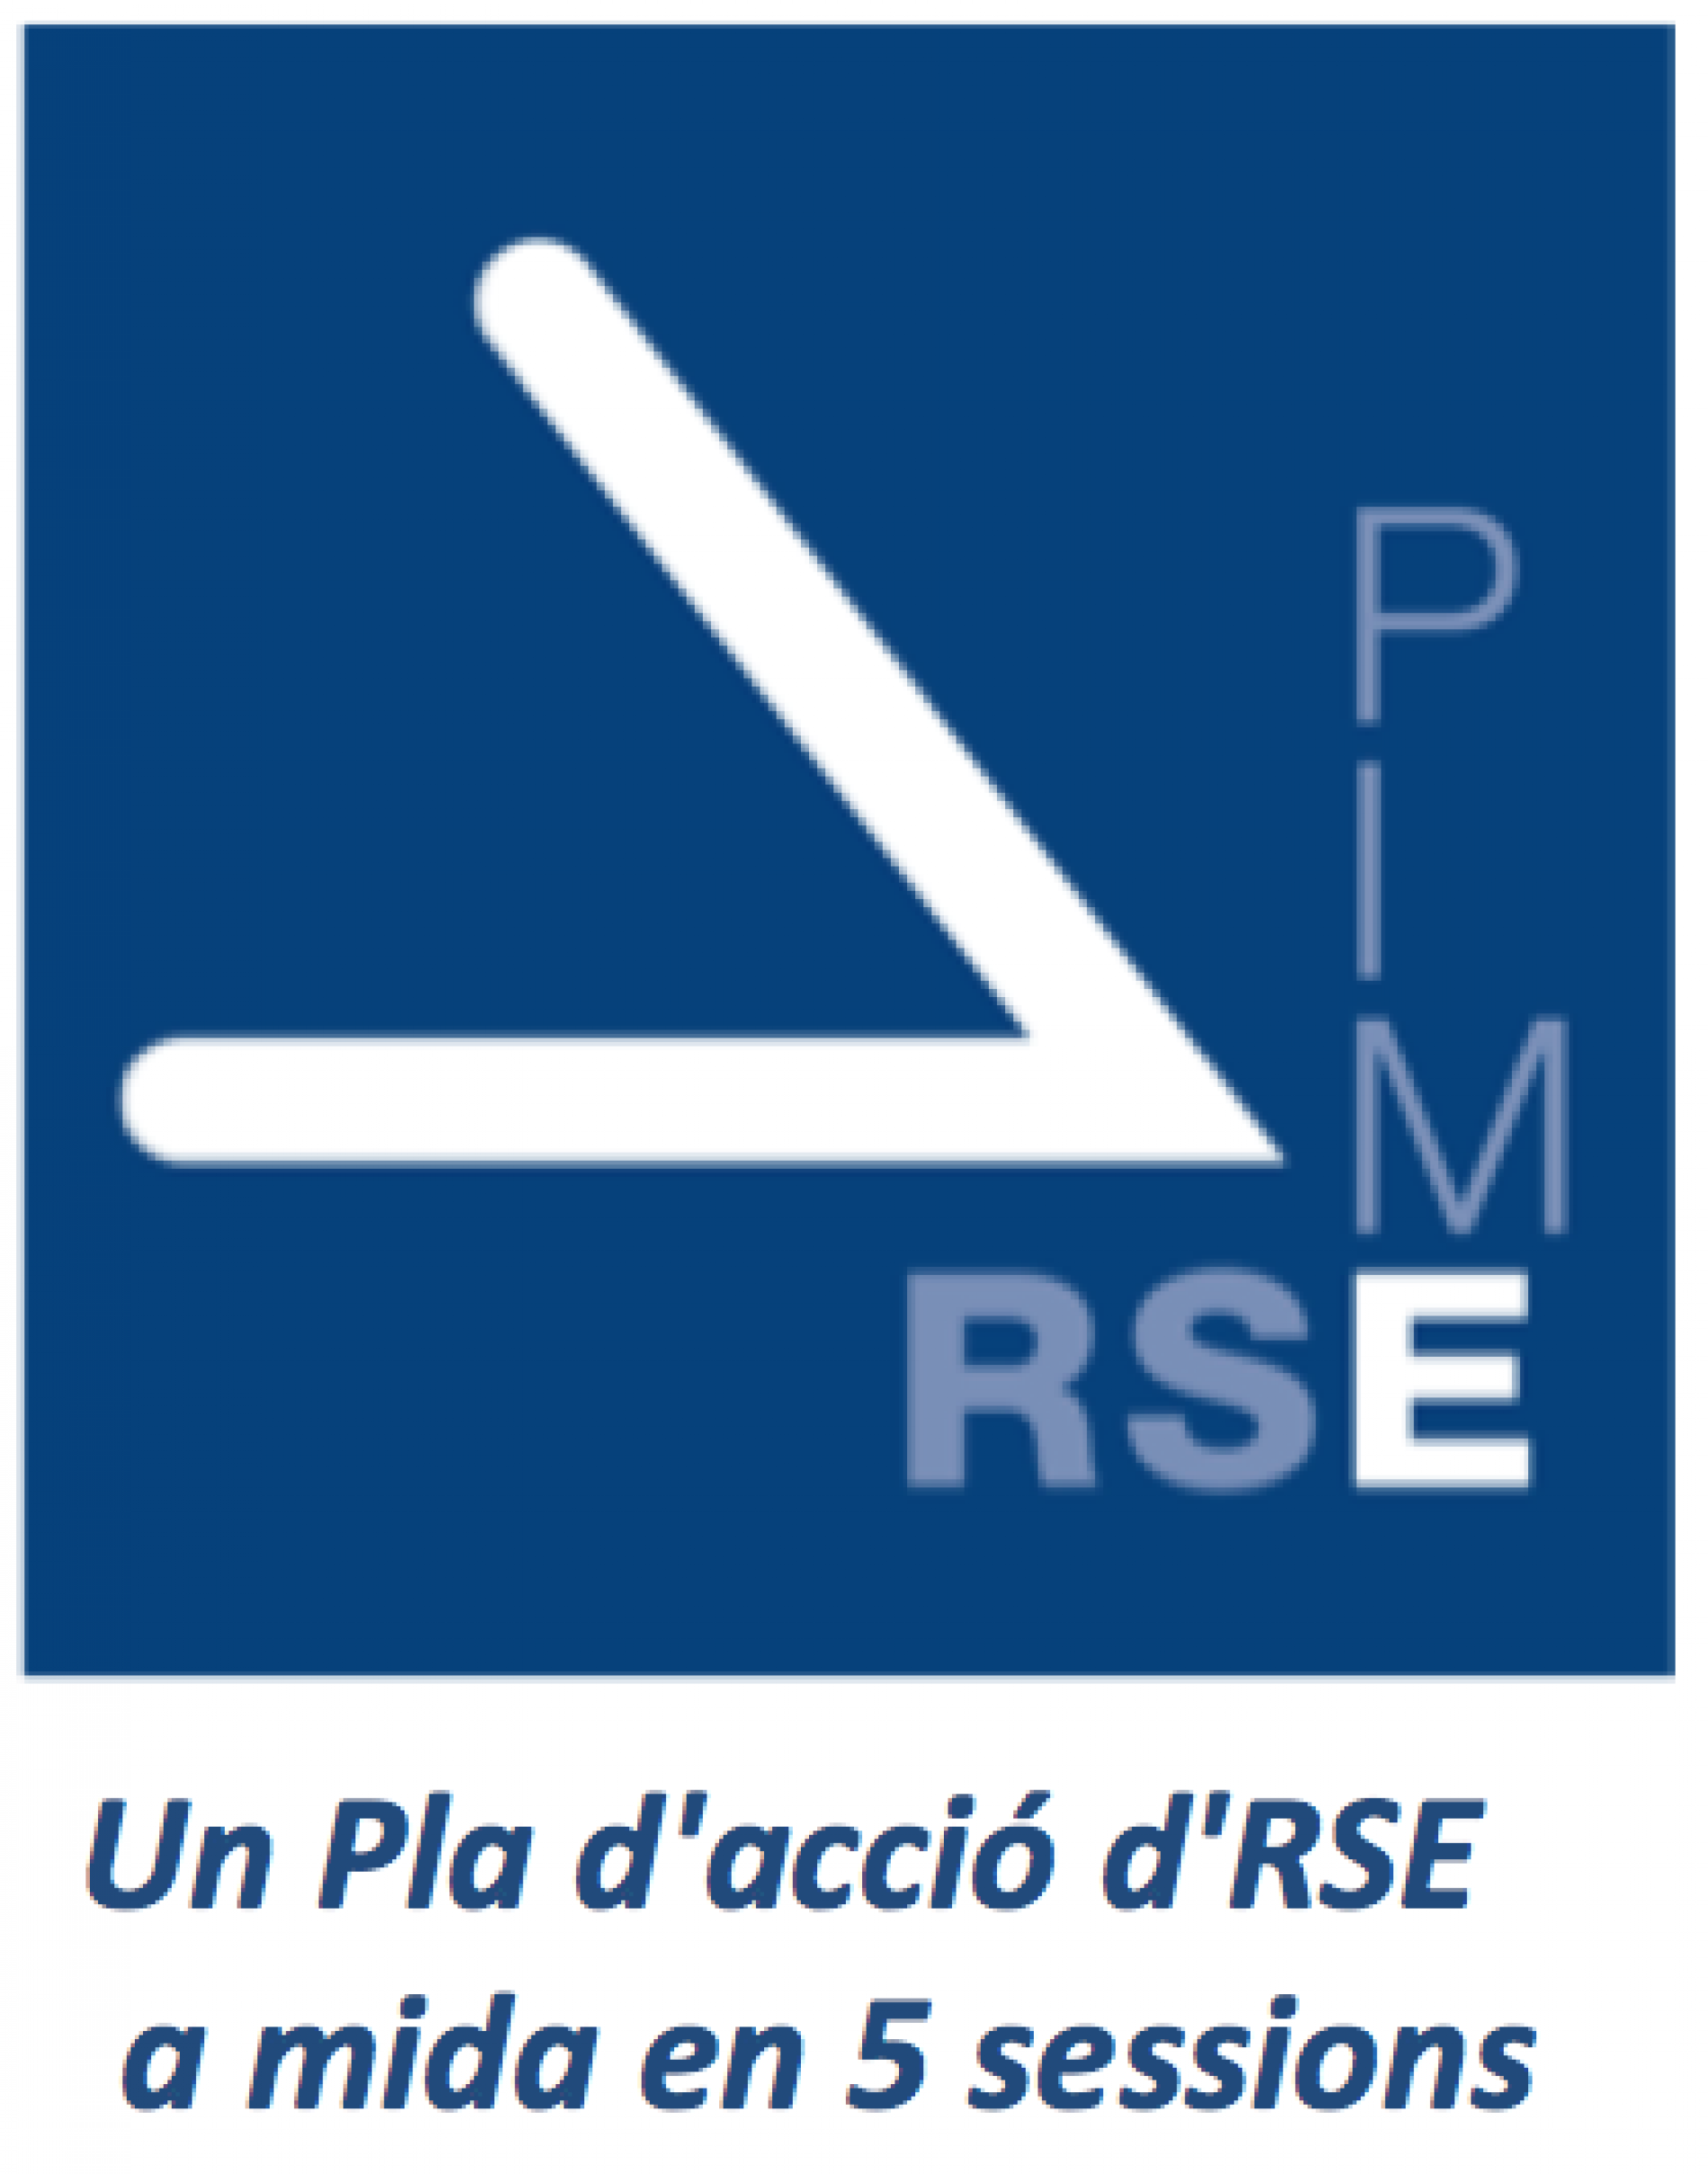 El programa RSE.Pime farà l'última sessió conjunta